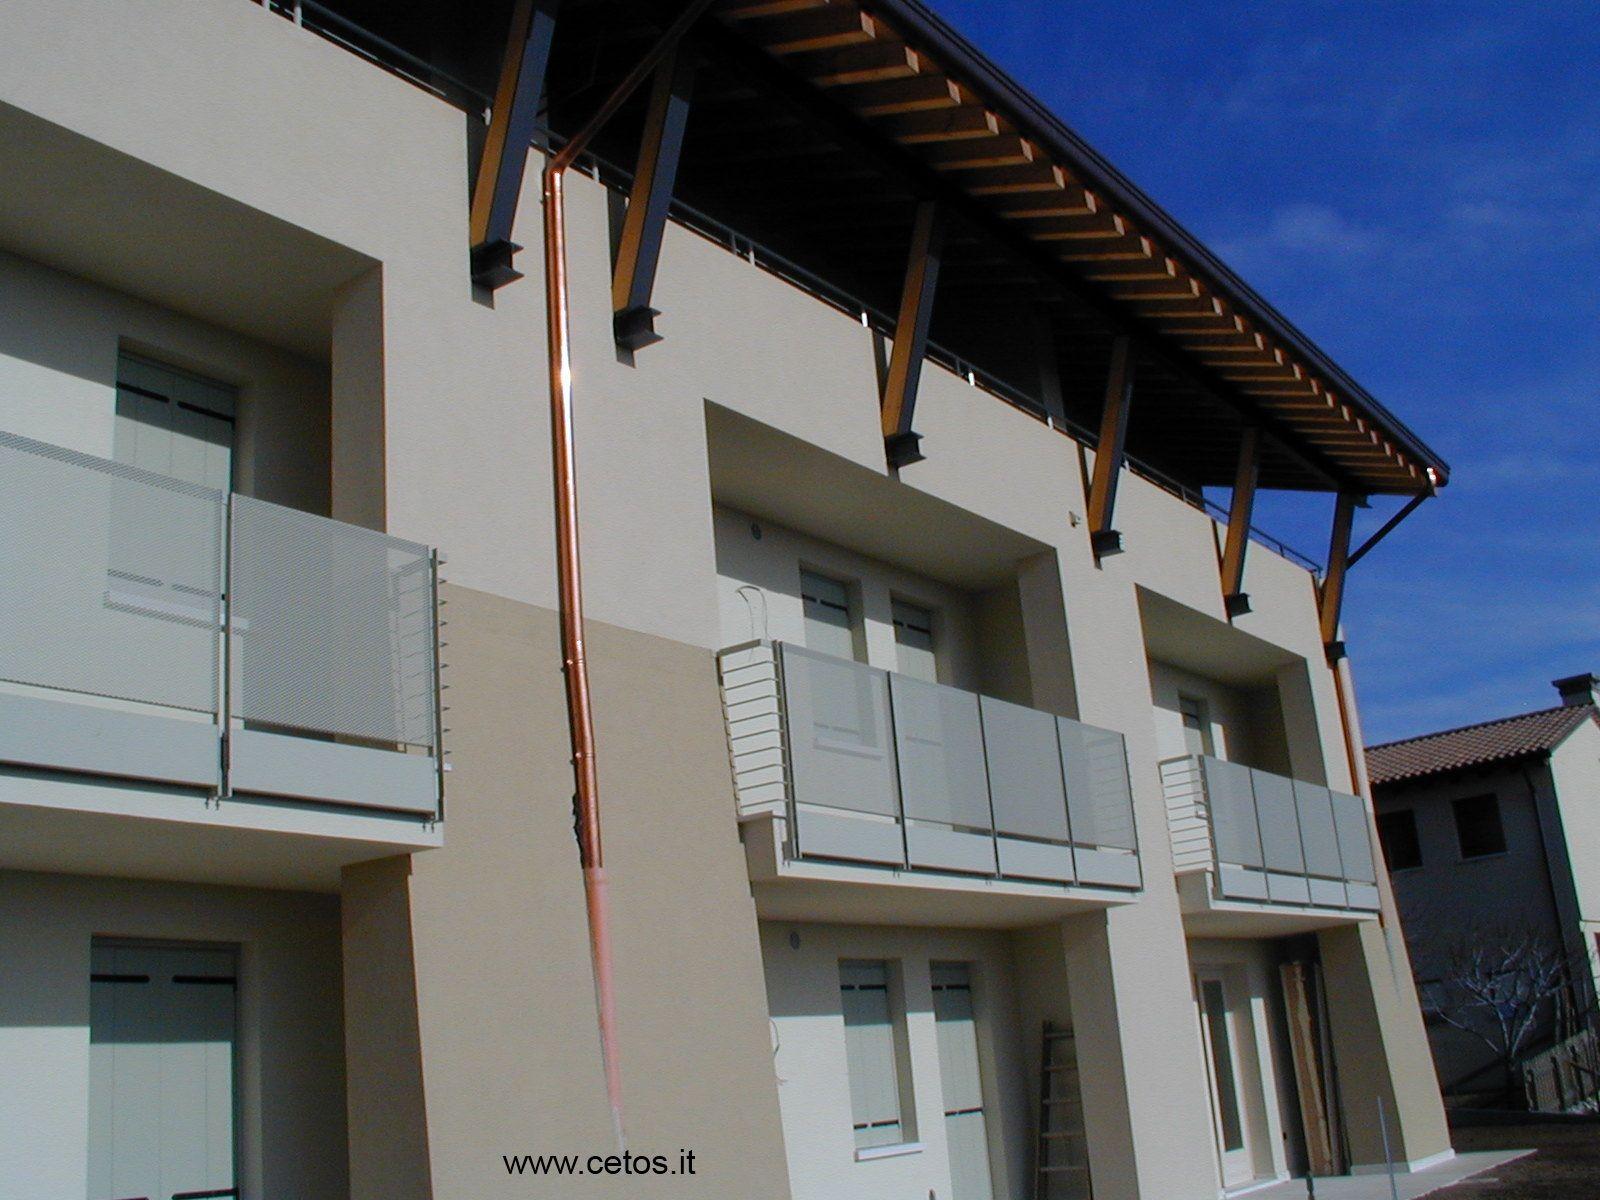 Parapetti per terrazze in acciaio inox | parapetti | Pinterest